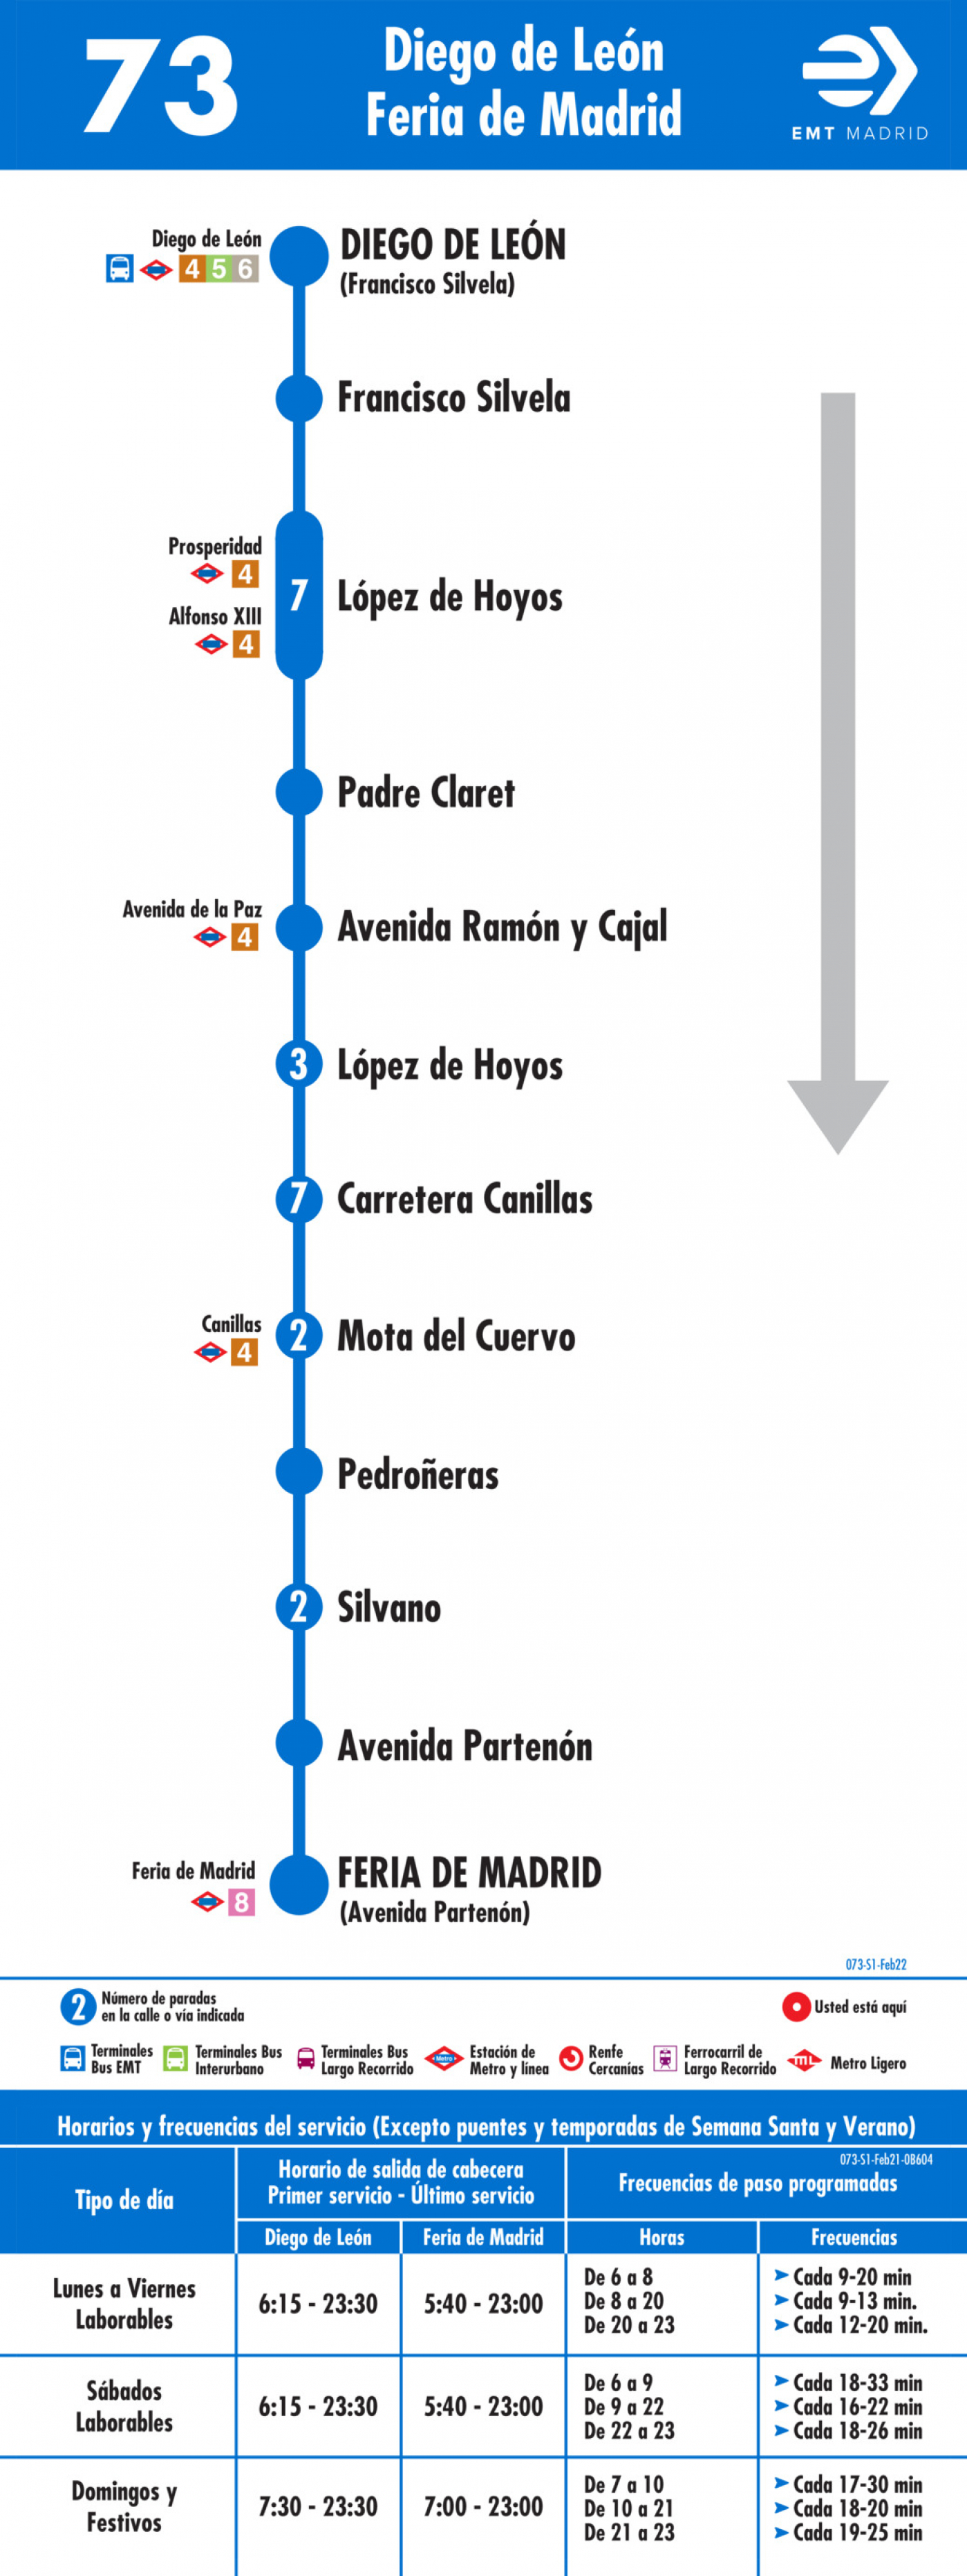 Tabla de horarios y frecuencias de paso en sentido ida Línea 73: Diego de León-Canillas